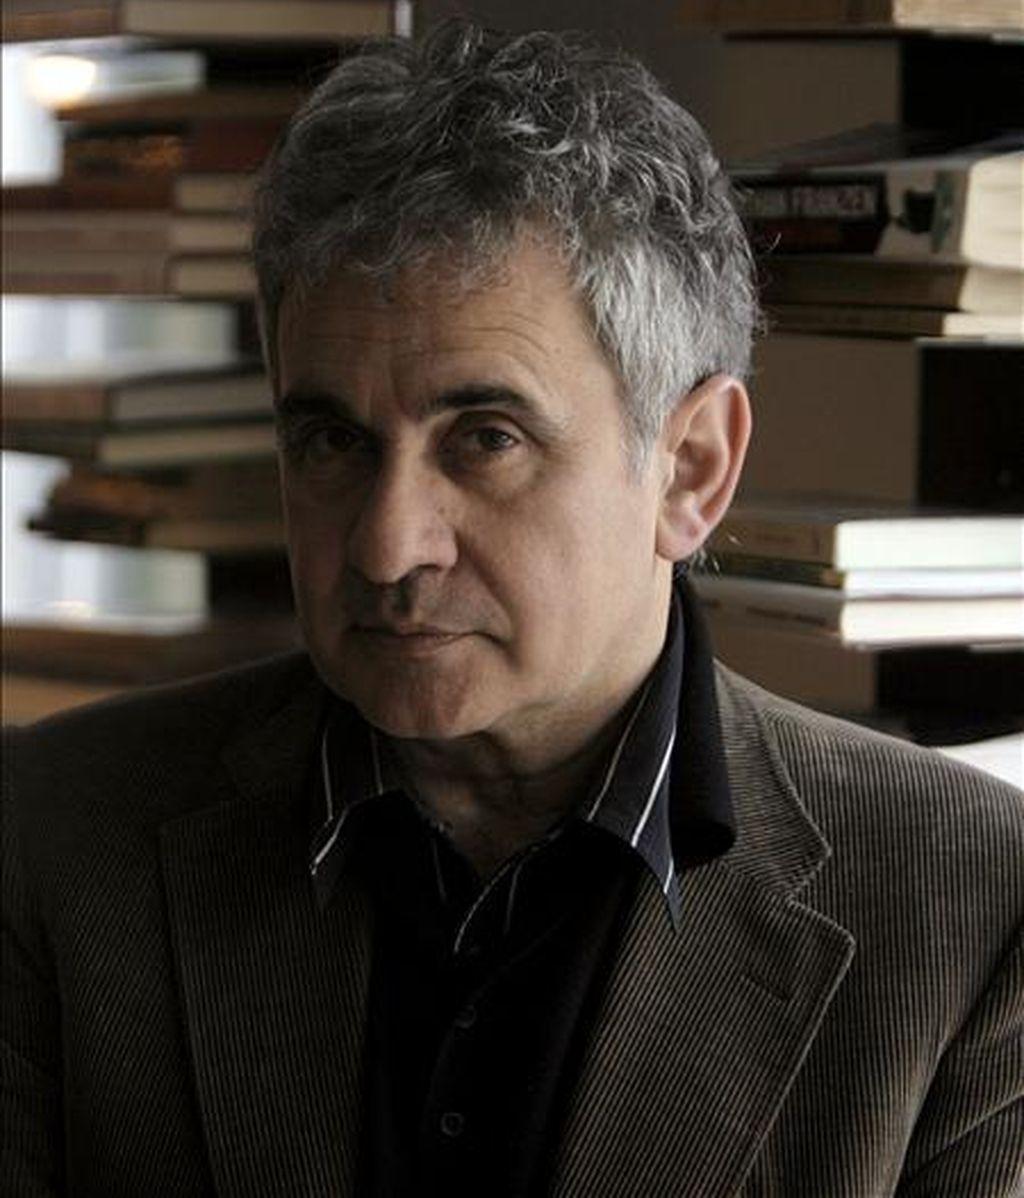 El escritor vasco Bernardo Atxaga abre esta tarde con el pregón inaugural los actos del Día del Libro. EFE/Archivo